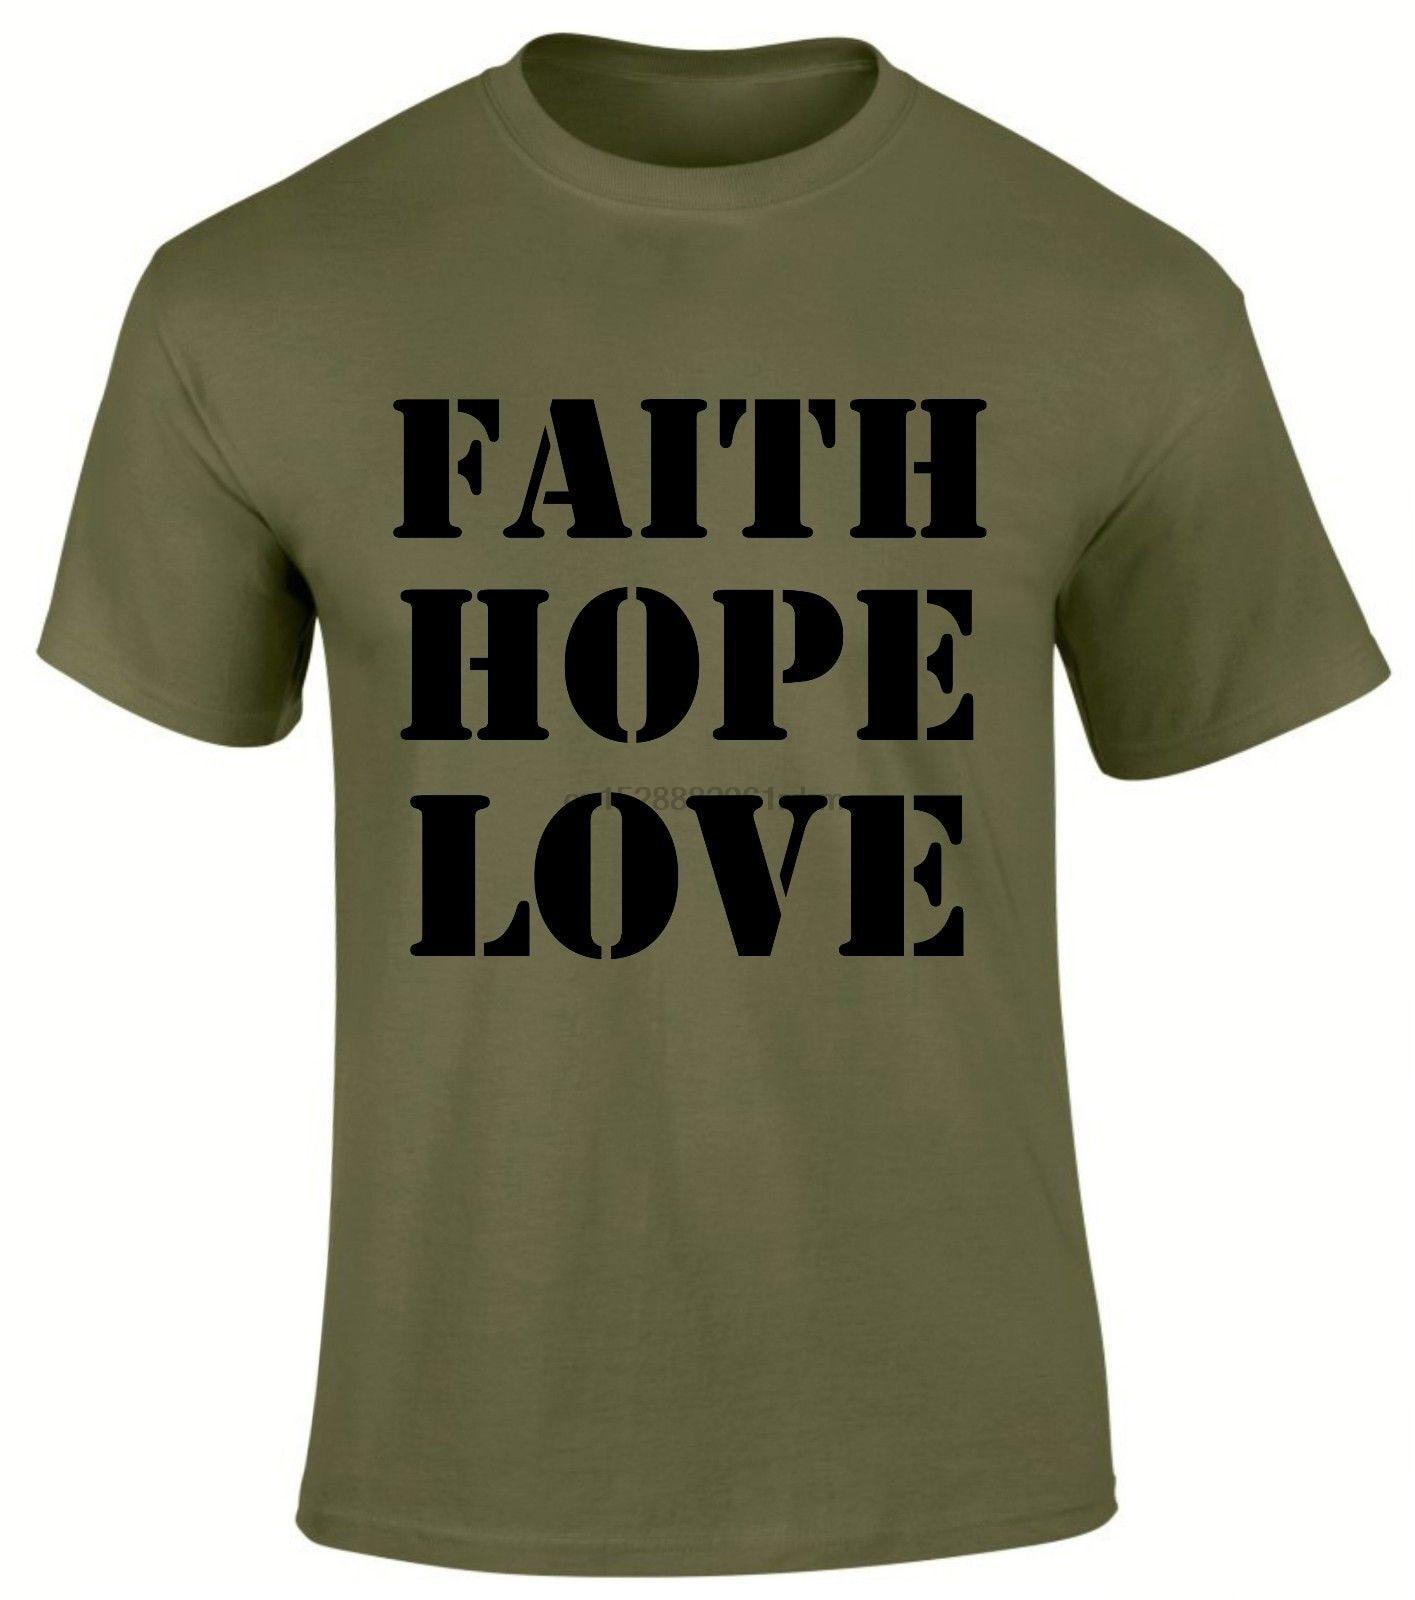 Мужская футболка с надписью вера, надежды, любви в Иисусе, христианской Евангелии, Писания, 2019, модная футболка, 100% хлопок, футболка